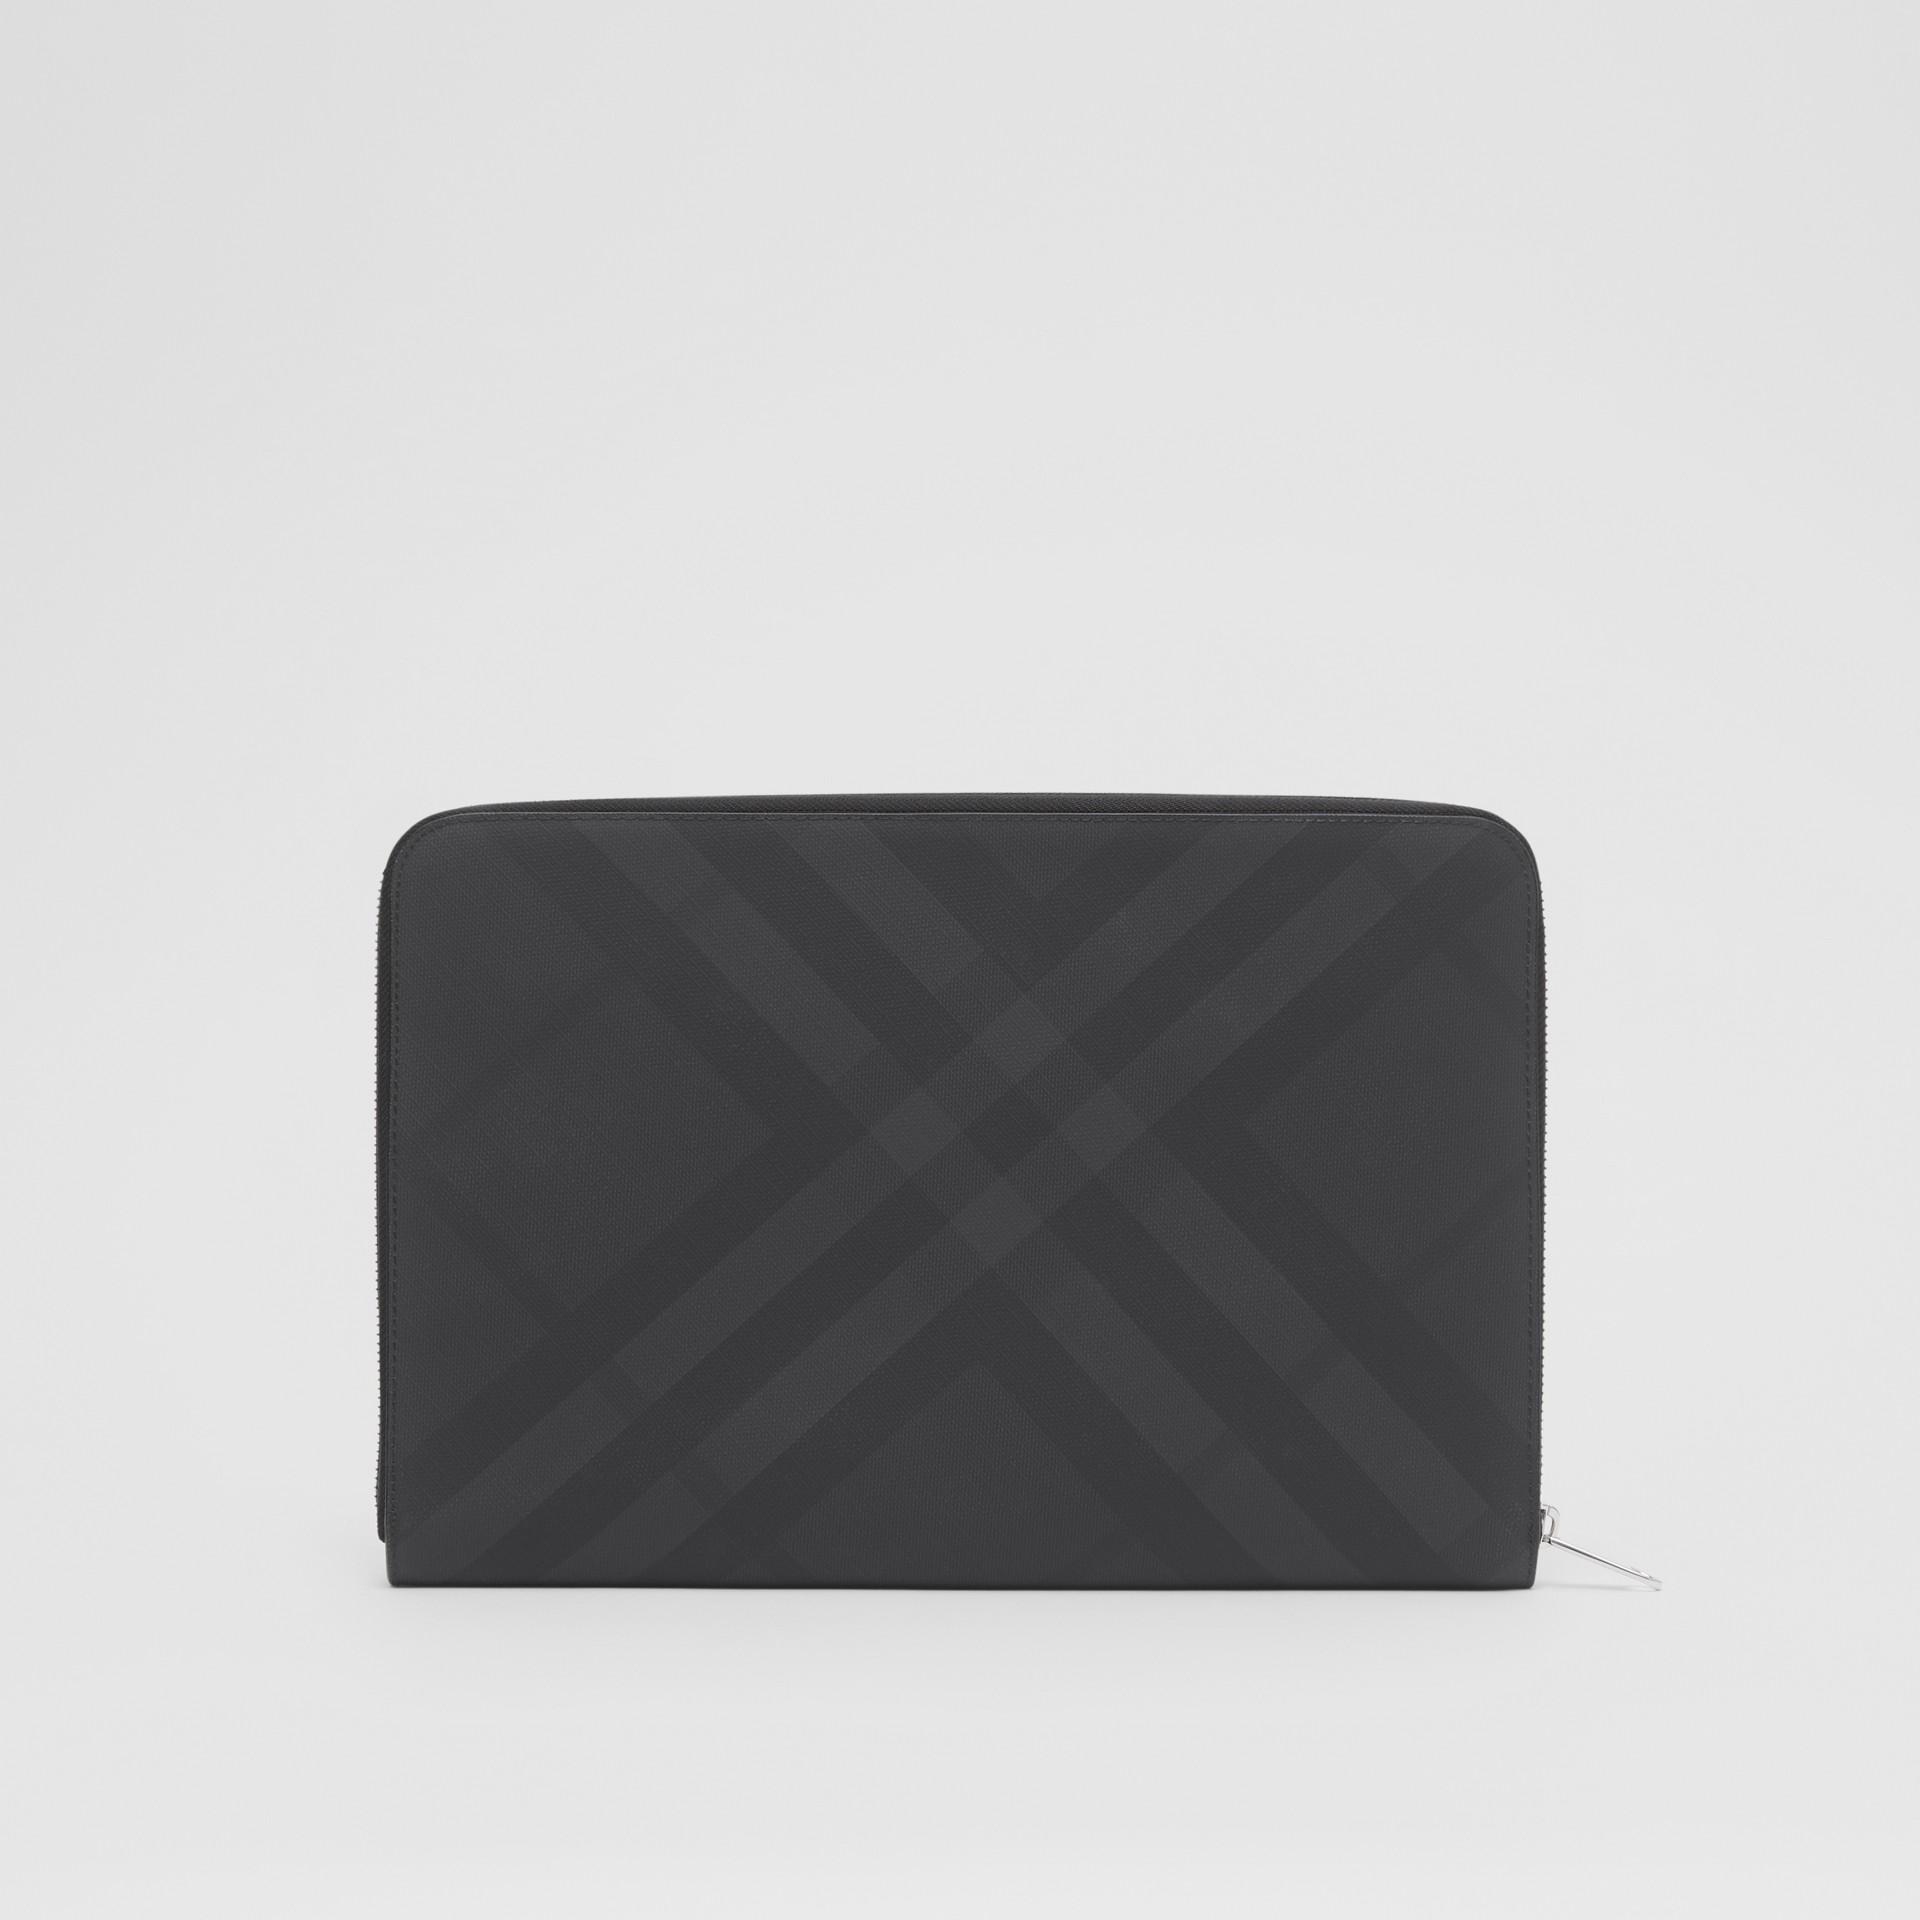 Pochette zippée en tissu London check et cuir (Anthracite Sombre) - Homme | Burberry - photo de la galerie 6